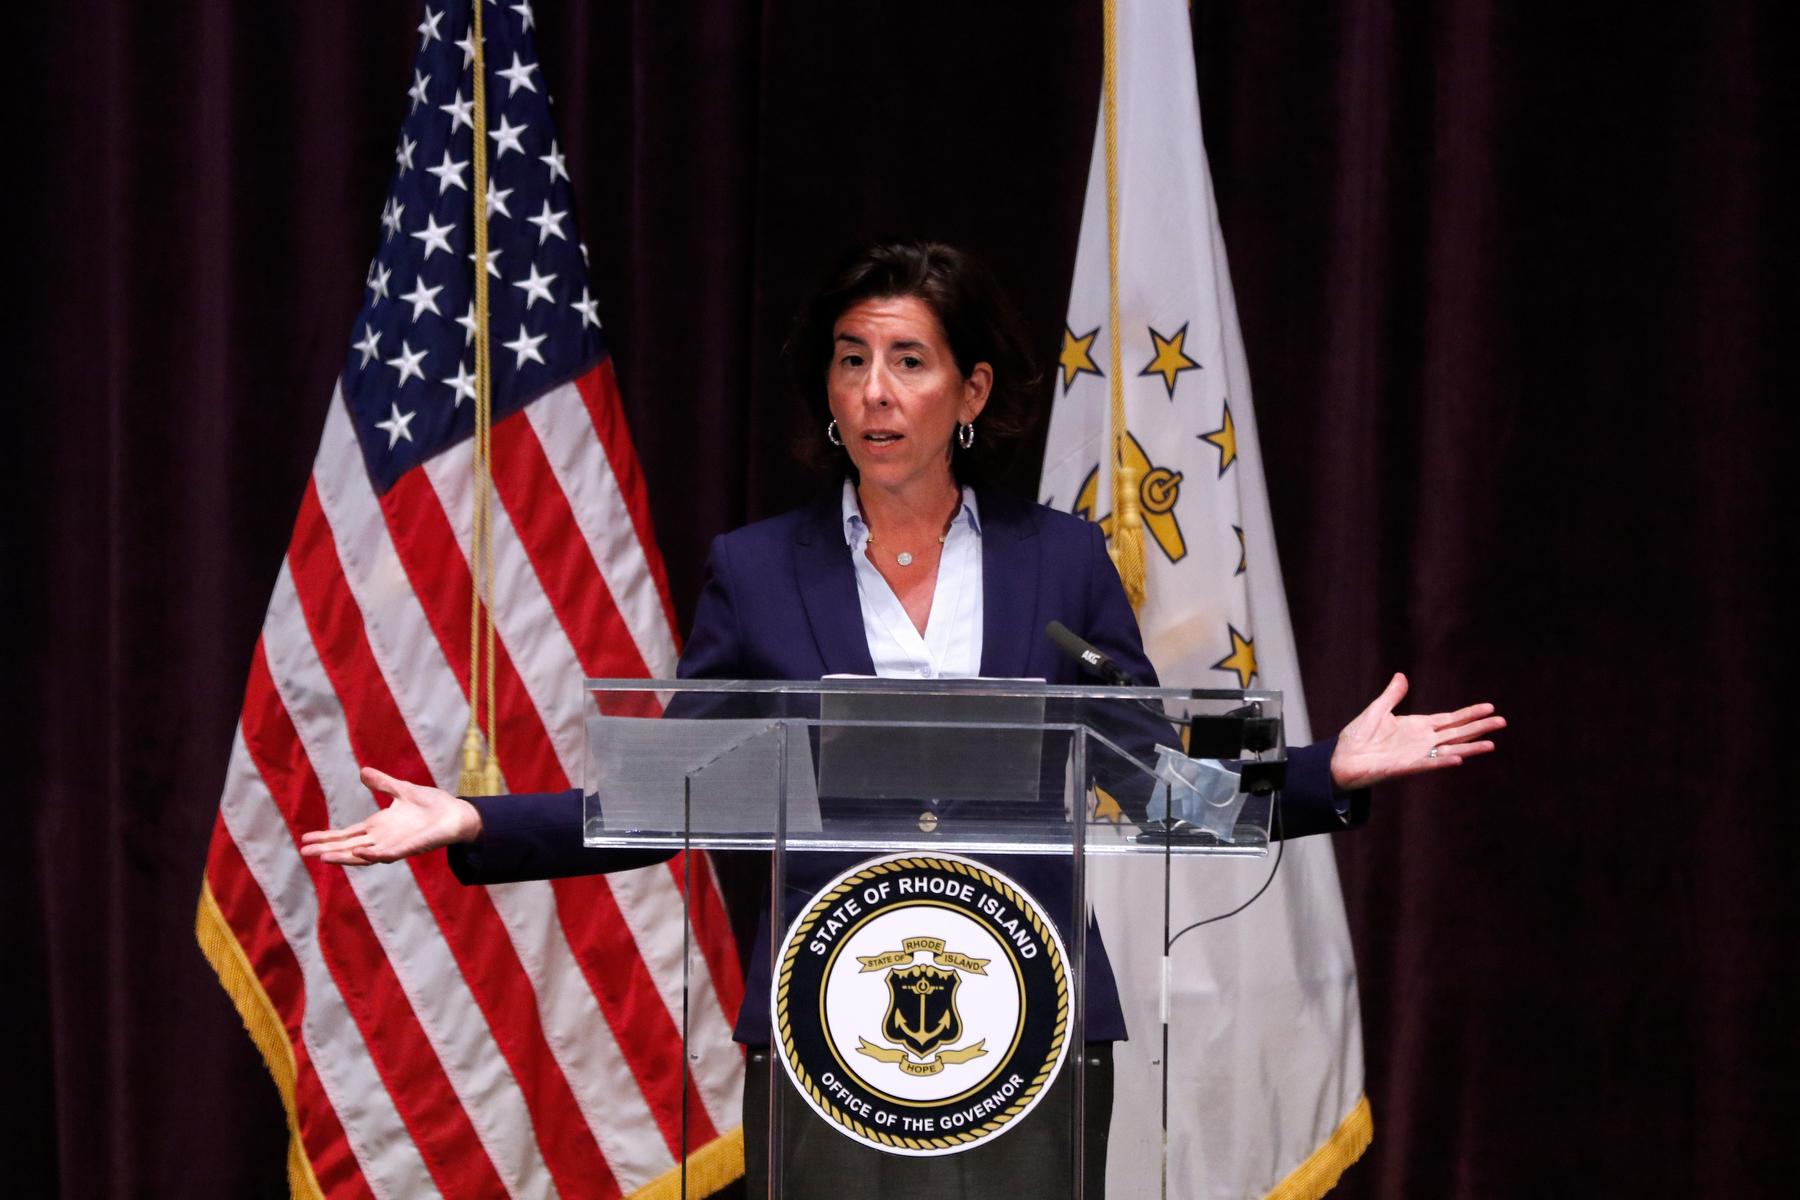 Governor Raimondo at press conference.